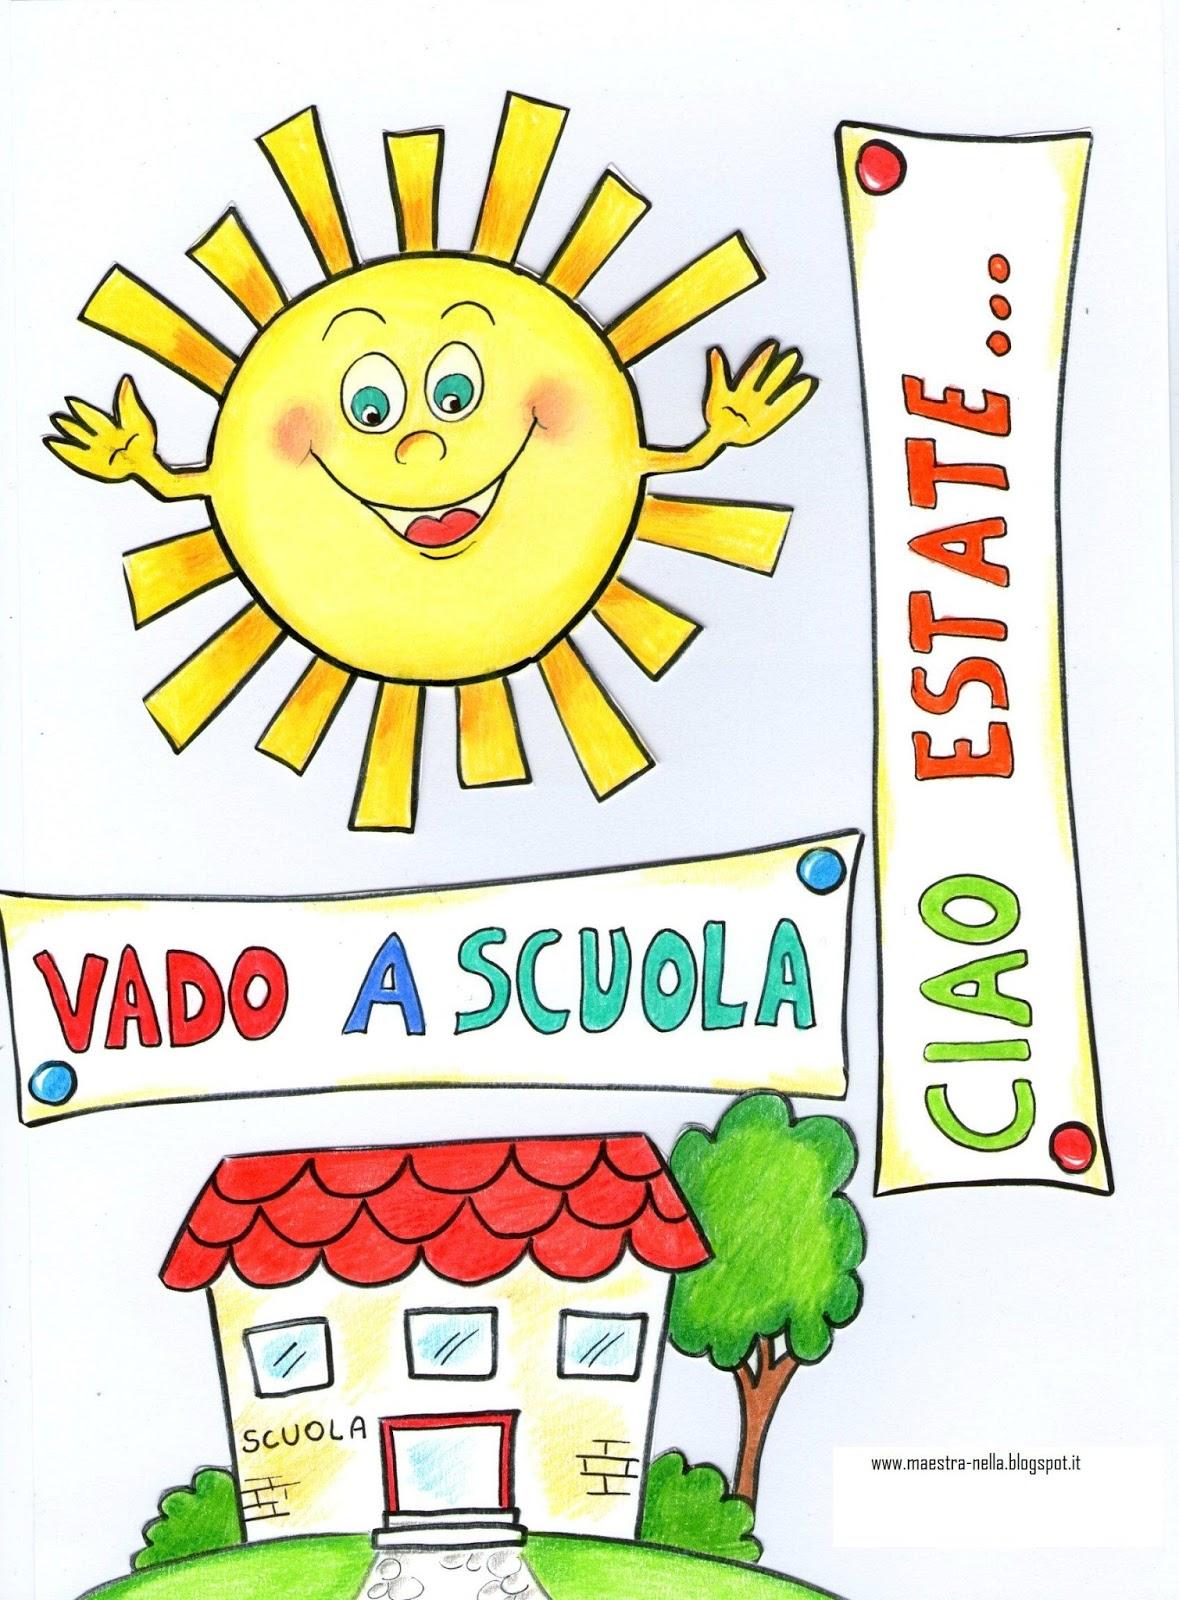 Maestra nella libricino 39 ciao estate vado a scuola 39 for Idee per l accoglienza nella scuola dell infanzia